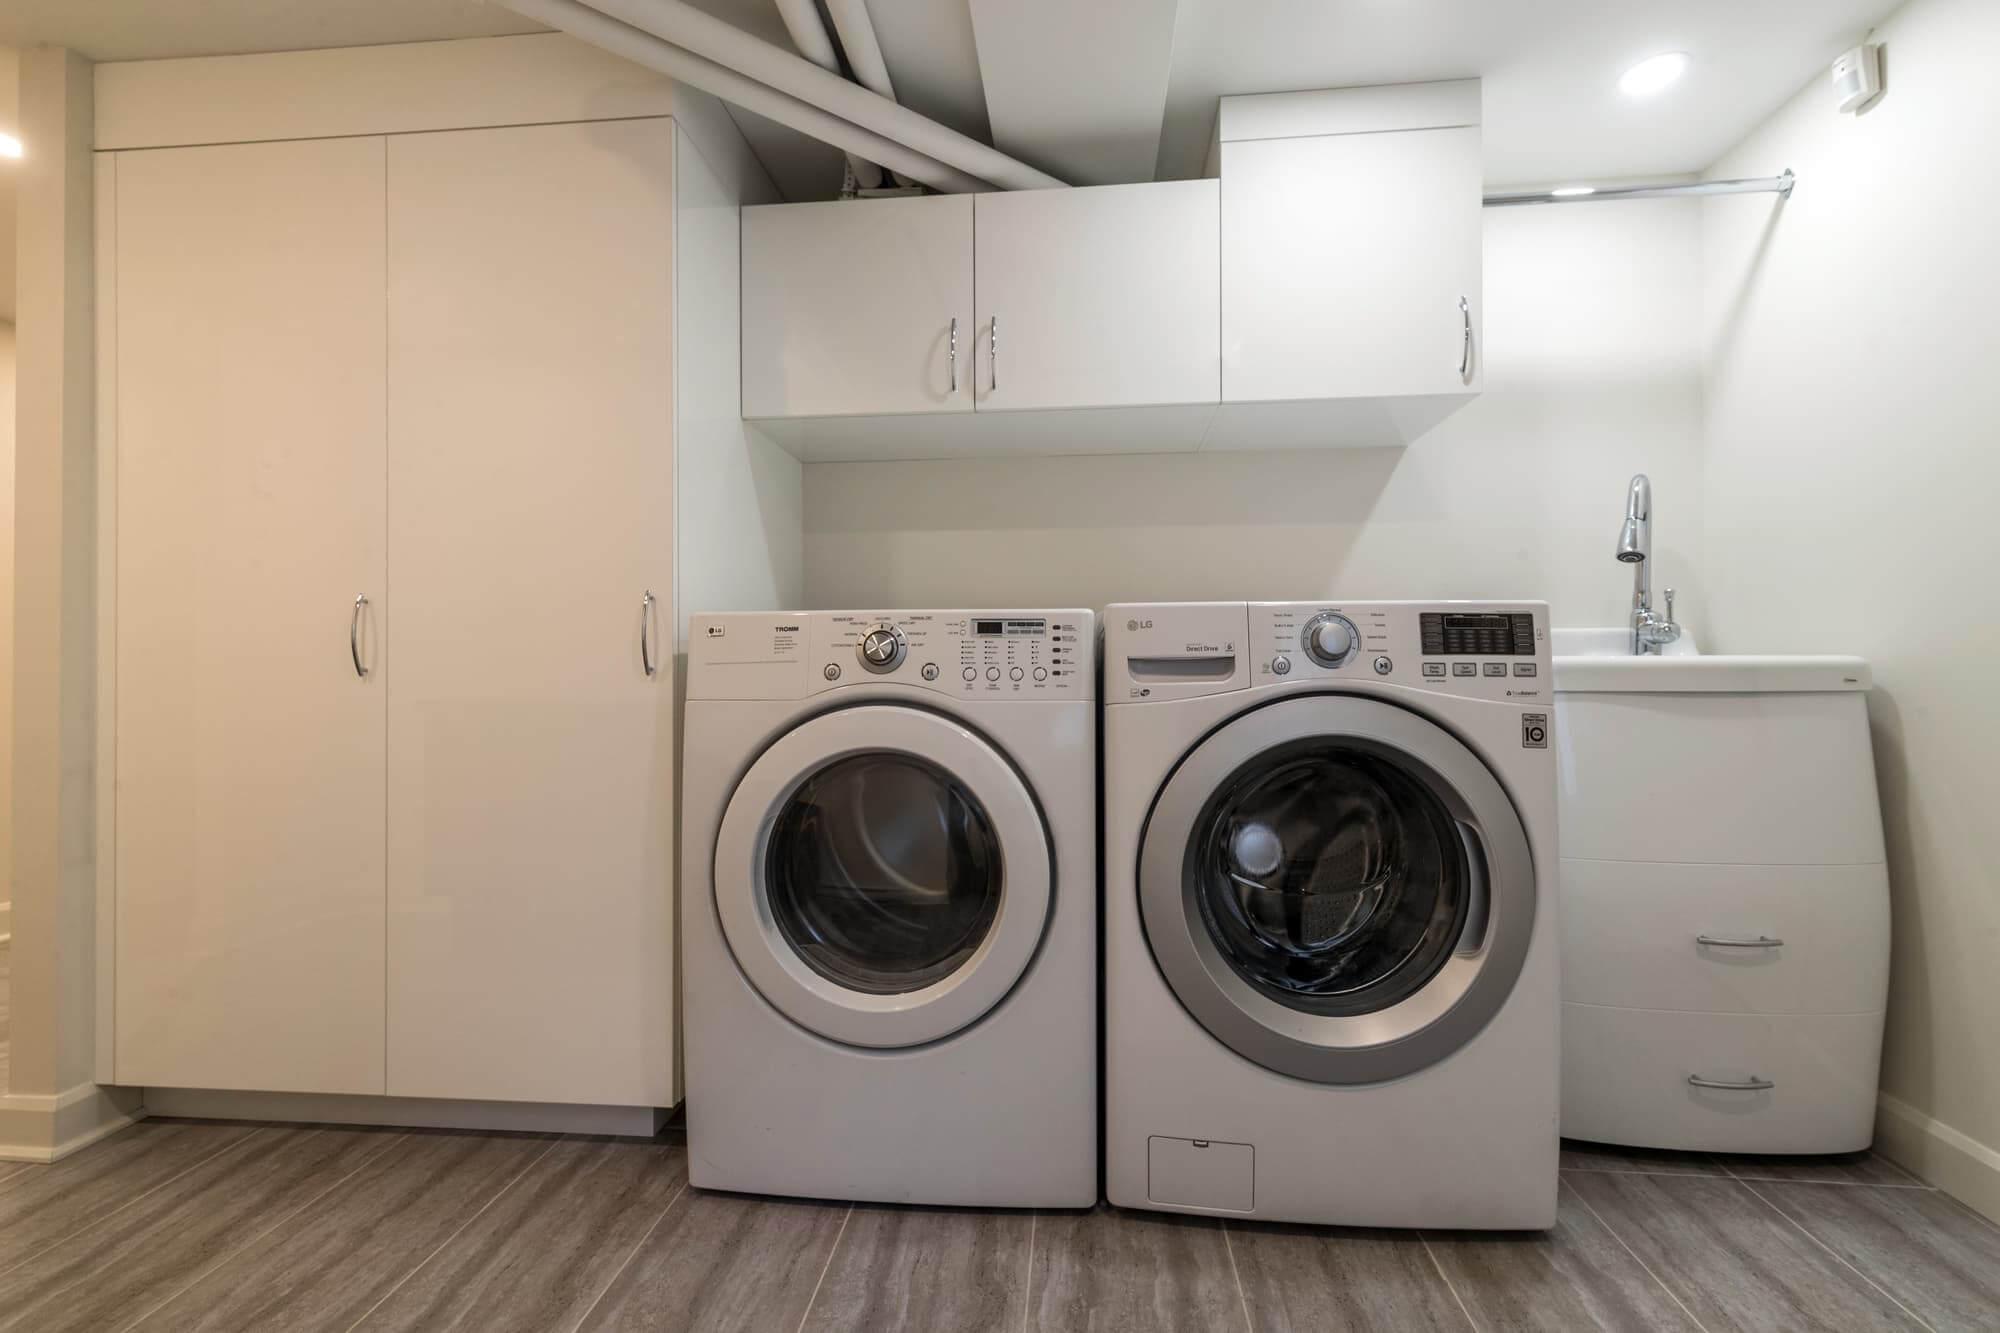 Salle de lavage dans un sousl-sol rénové avec une amoire blanche murale, un lavabo blanc et laveuse-sécheuse frontales